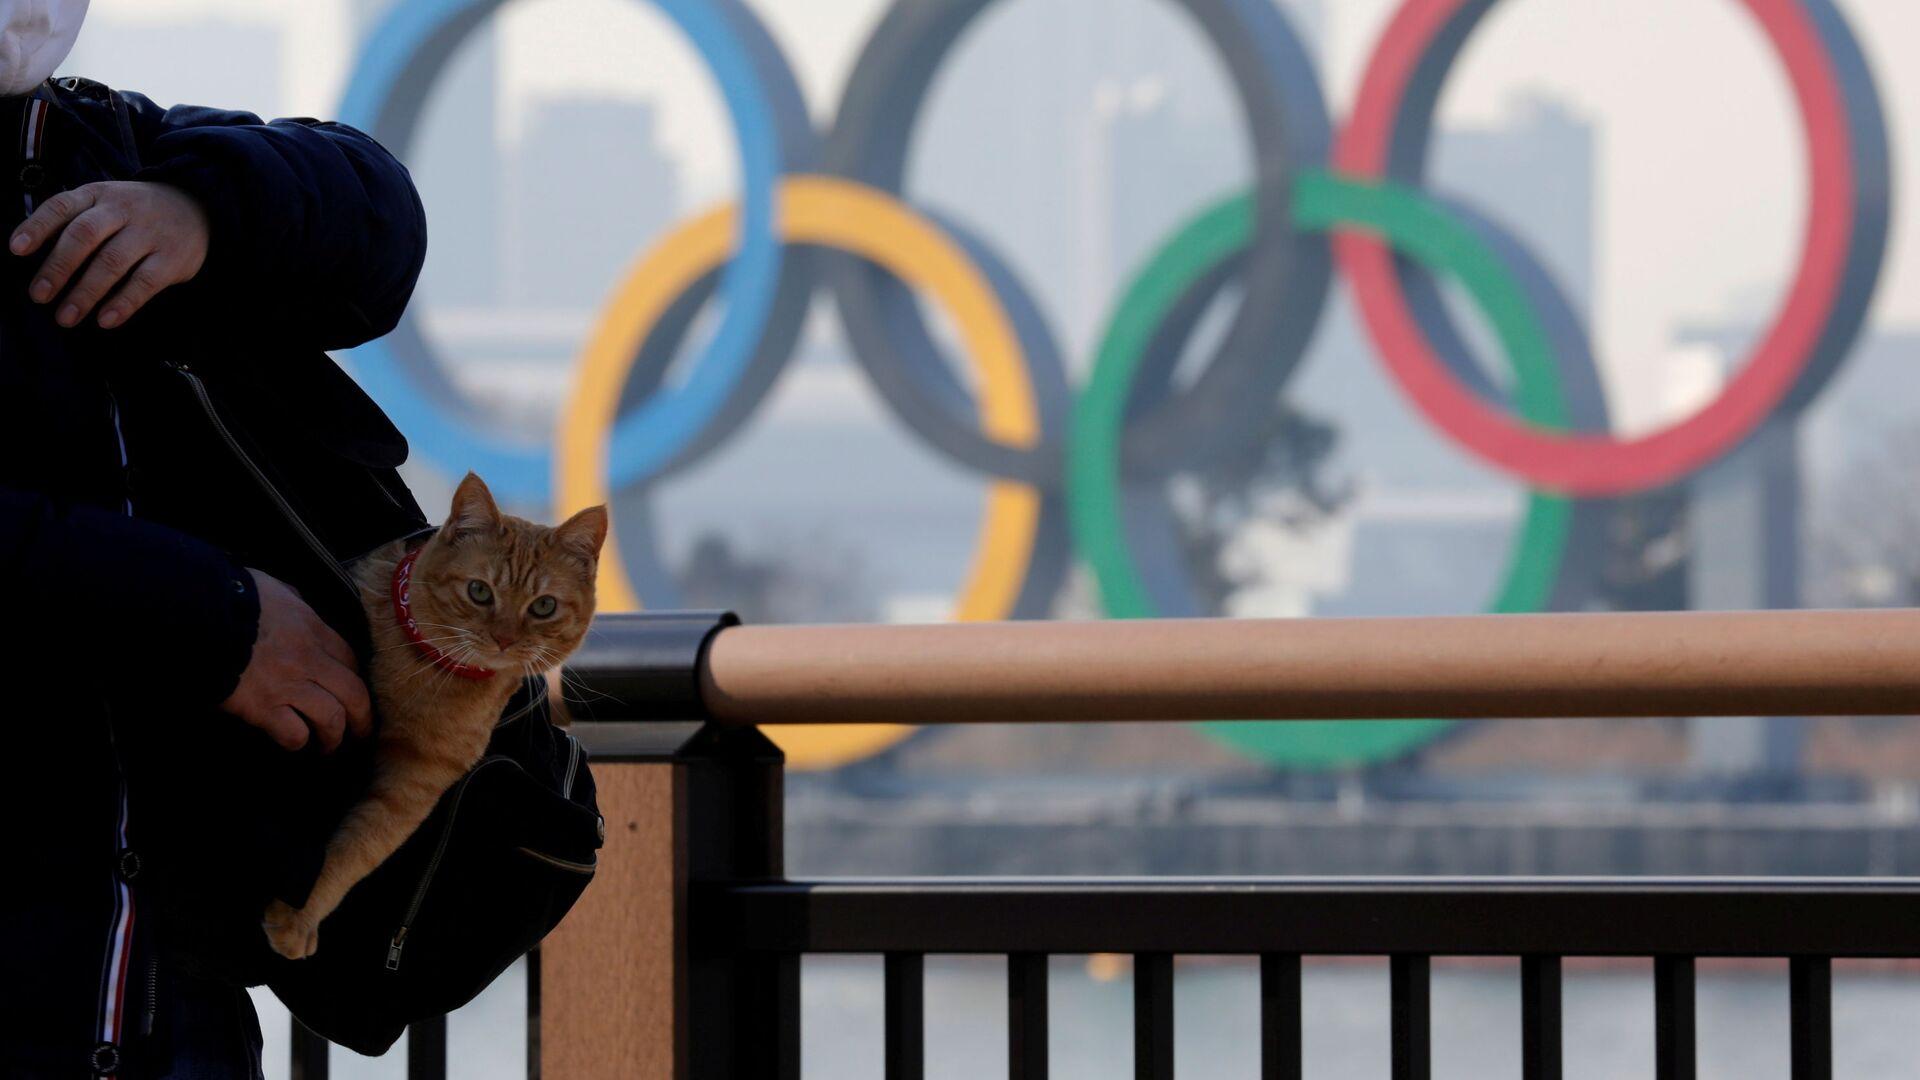 Мужчина с котом в сумке на фоне олимпийских колец в Токио - Sputnik Узбекистан, 1920, 16.02.2021